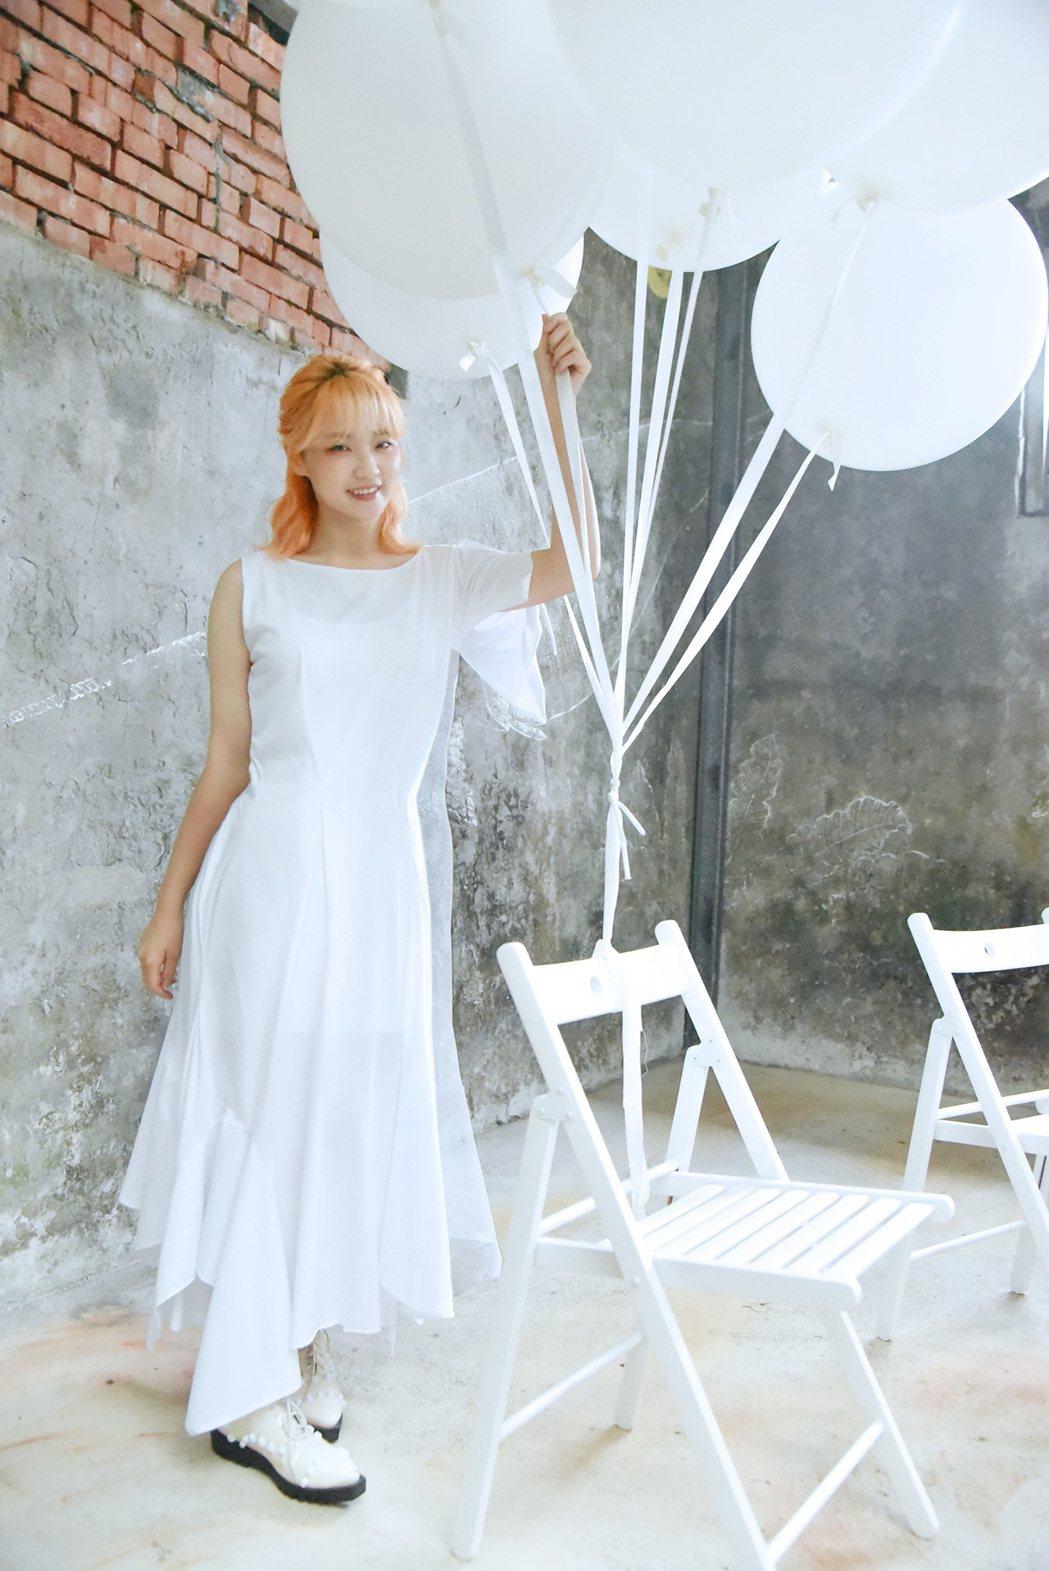 鄭心慈新歌「幸福藏在哪裡」為TVBS大戲「天堂的微笑」主題曲。圖/星空飛騰提供